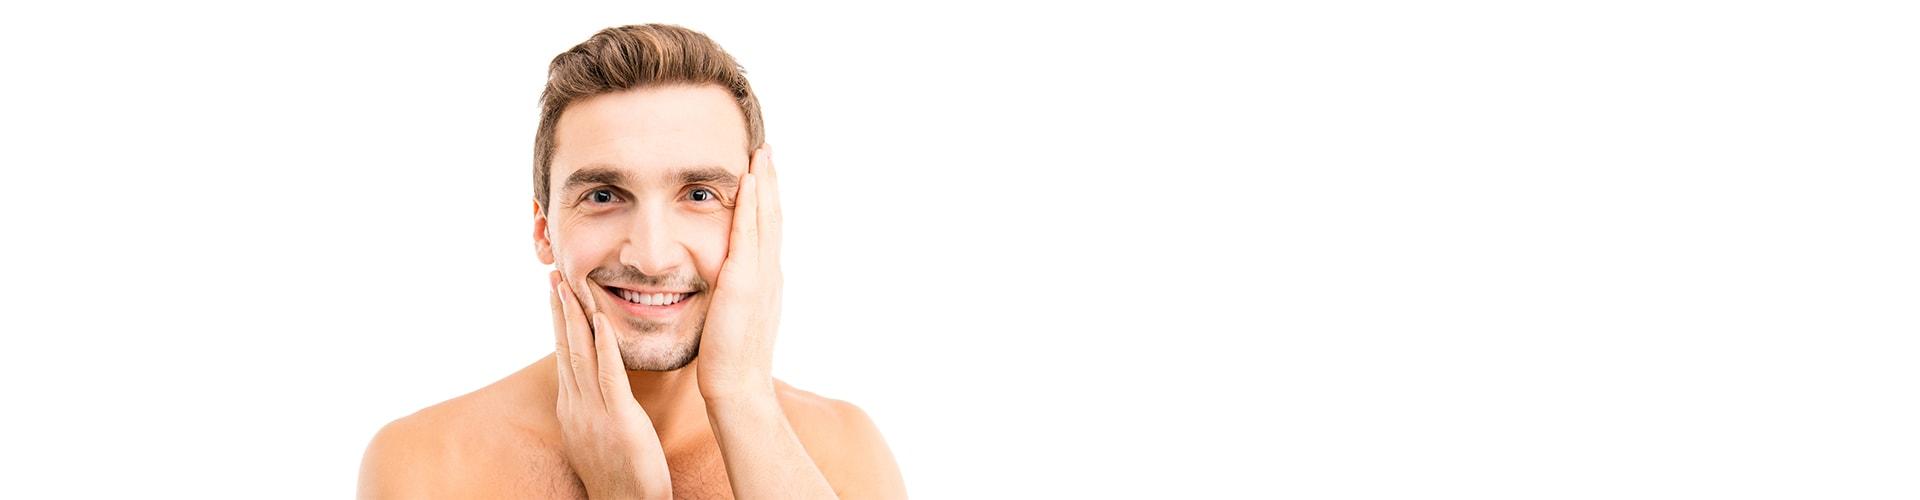 Mann, der nach der Reinigung sein Gesicht berührt